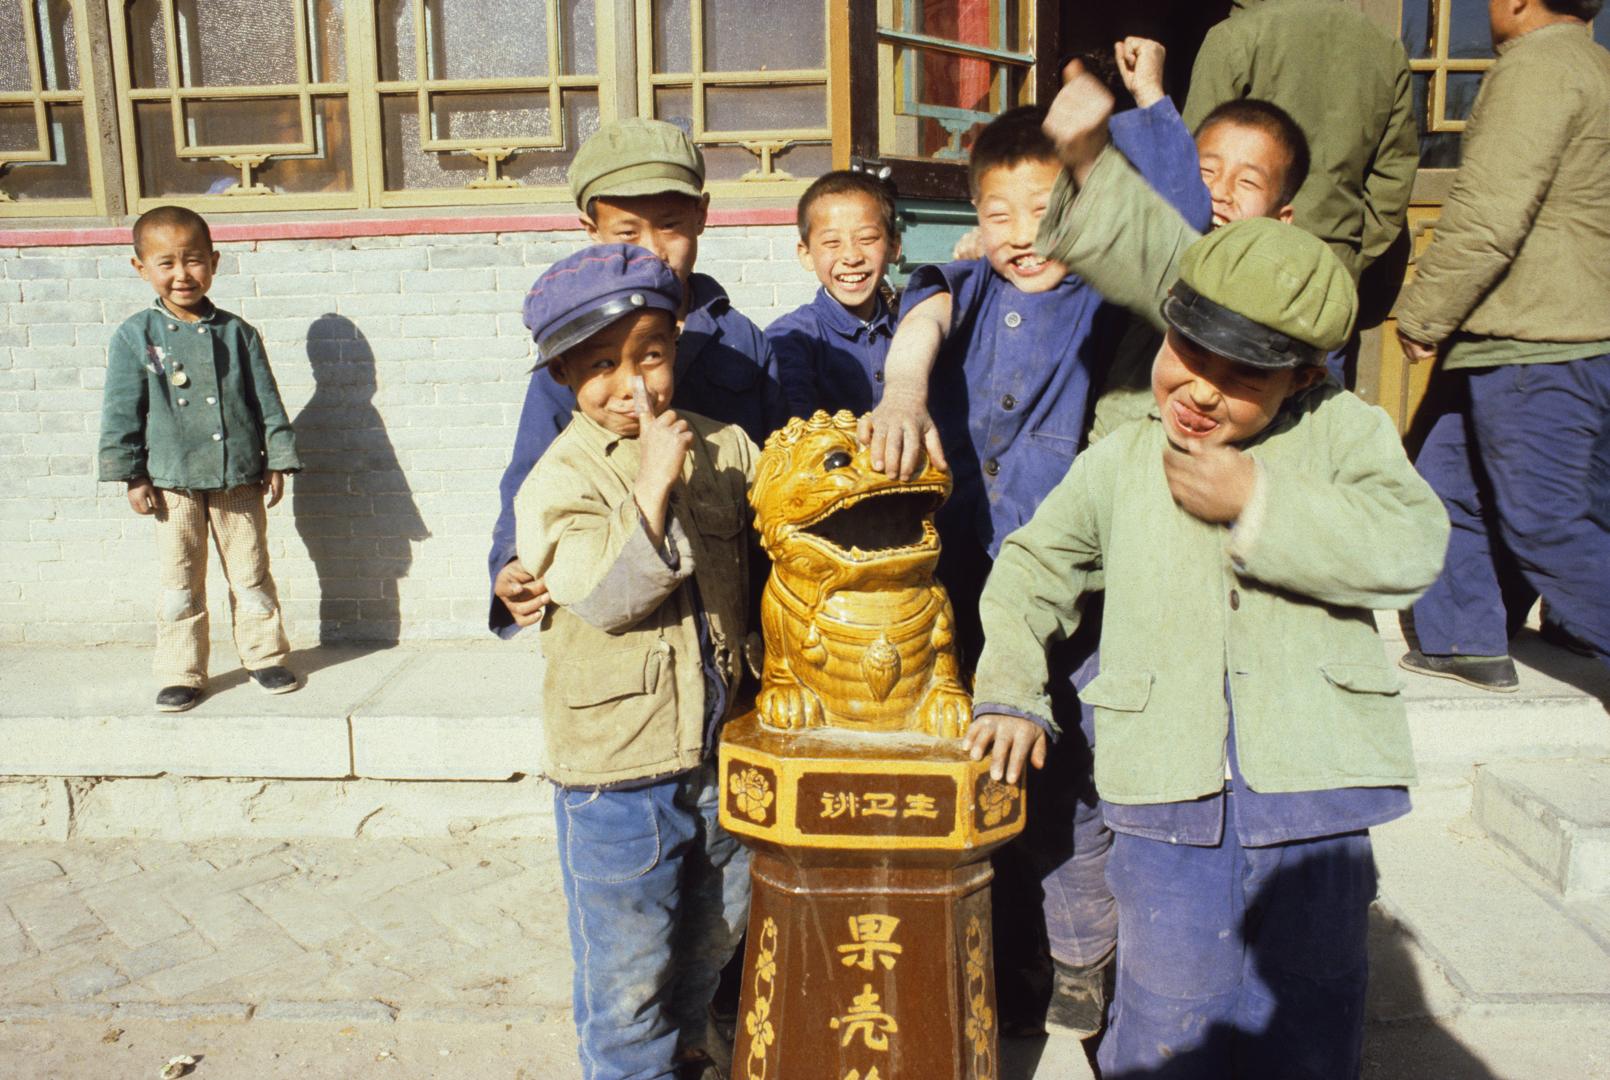 Seven Boys, Inner Mongolia 1982 (22 x 14.75)